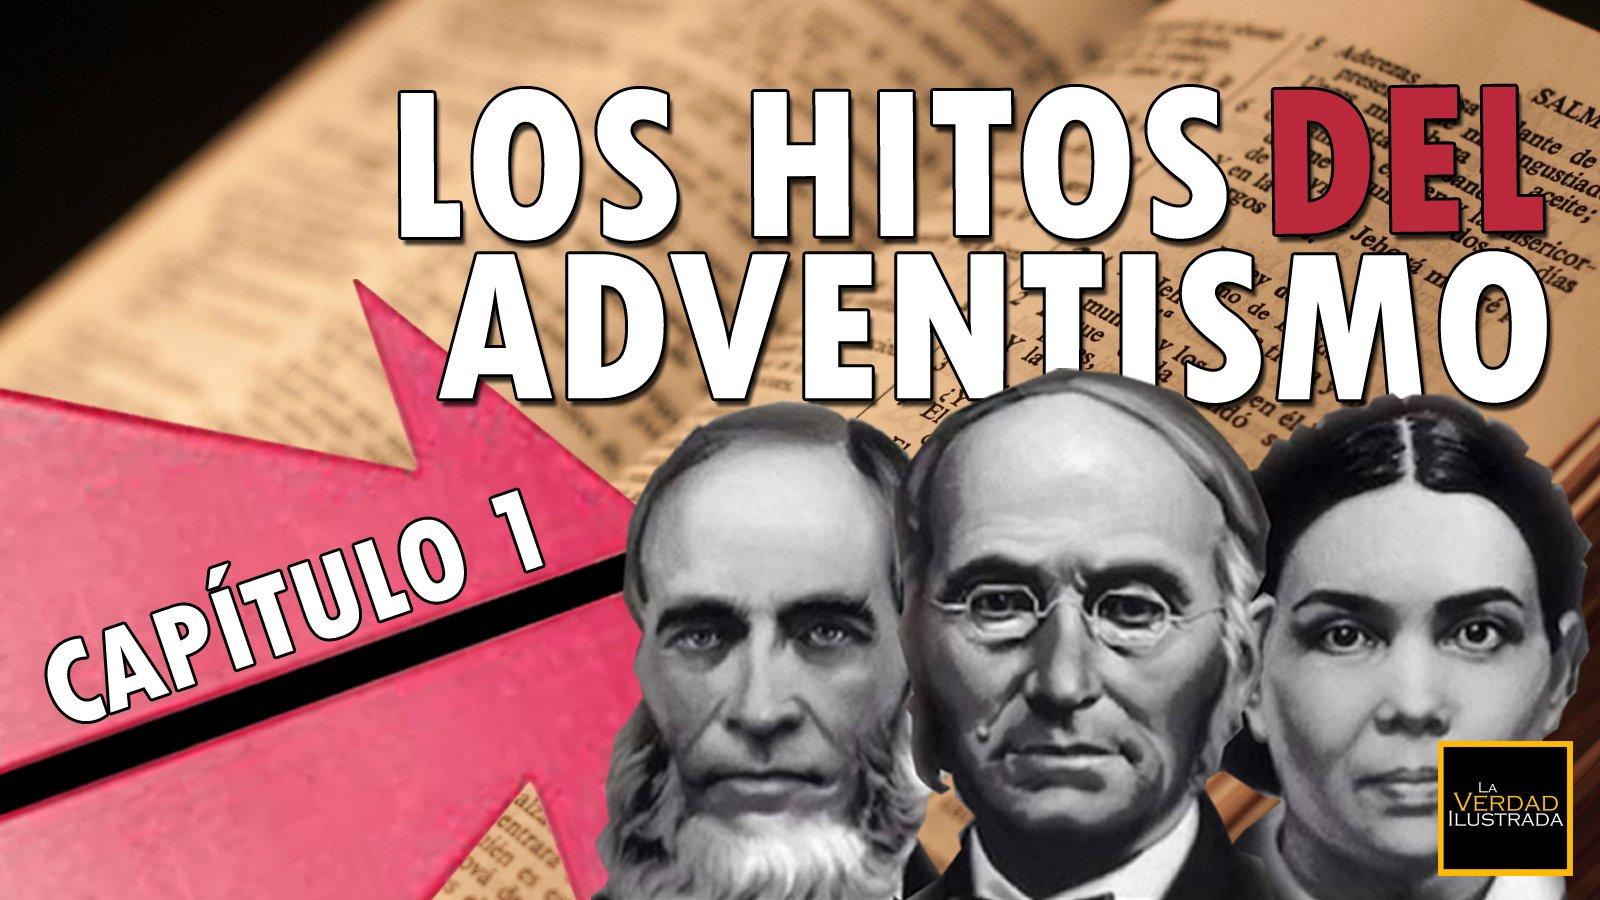 Los hitos del adventismo - Capítulo 1